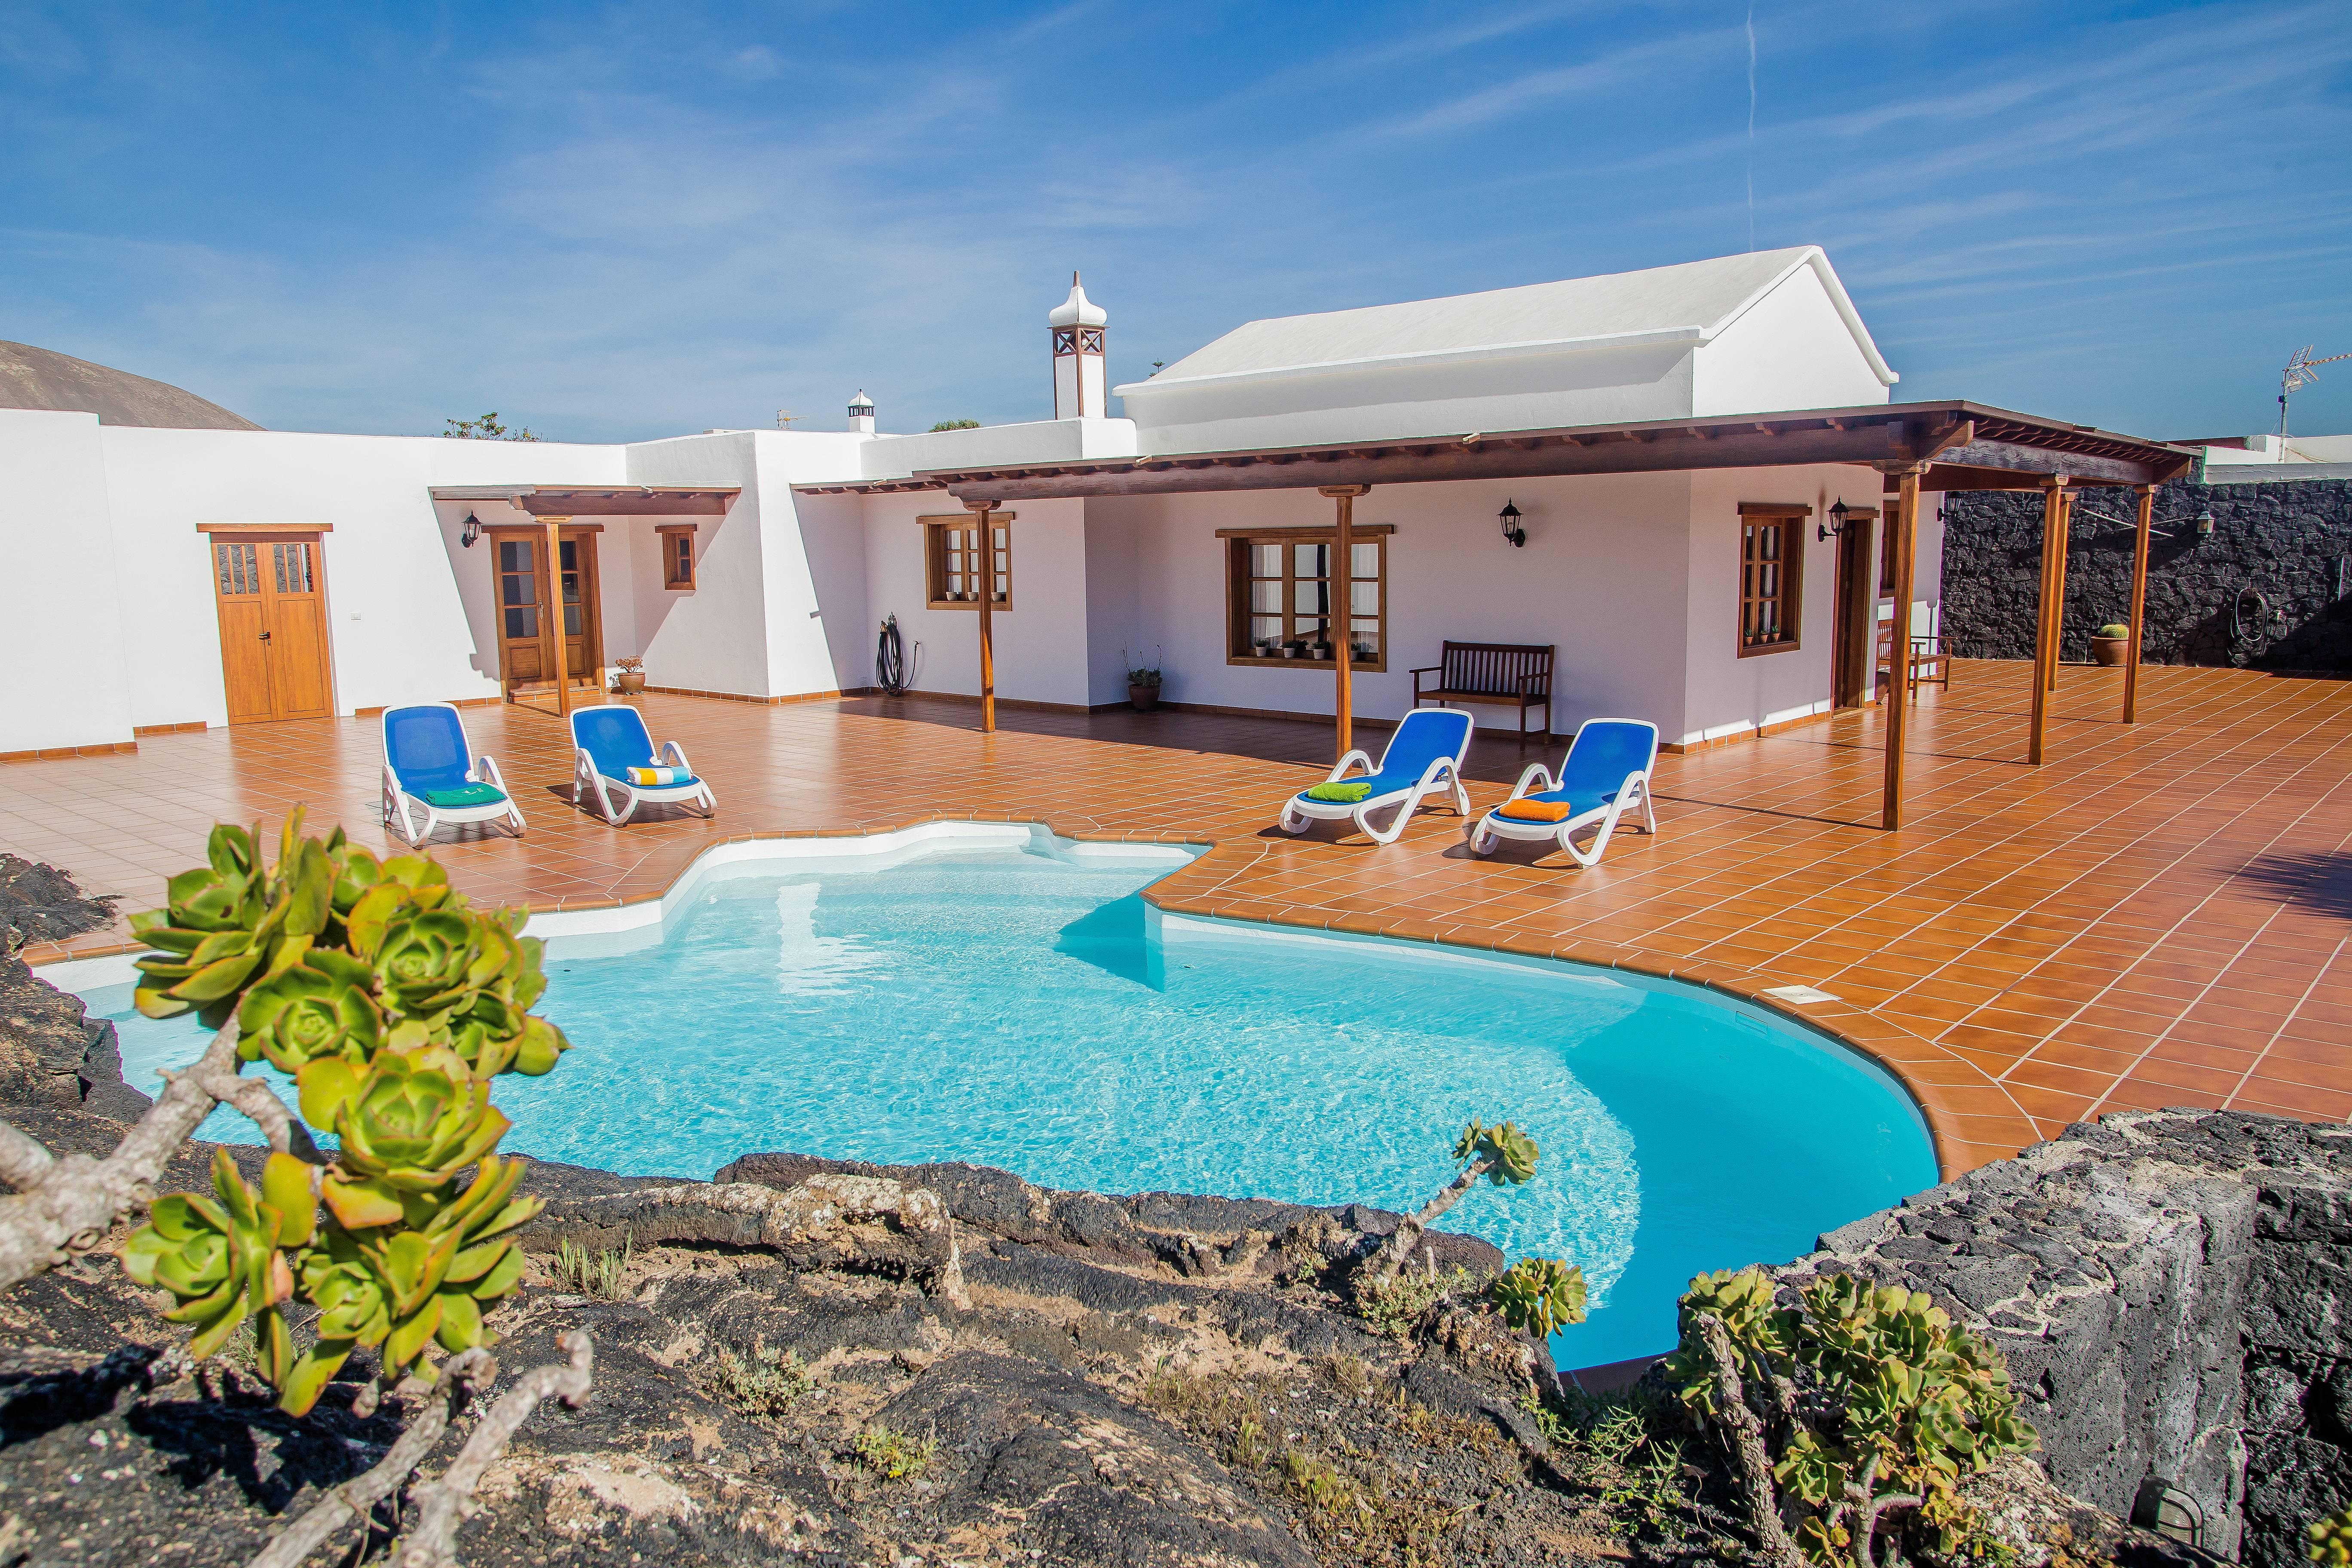 Alquiler vacaciones apartamentos y casas rurales en canarias espa a - Casas vacacionales madrid ...